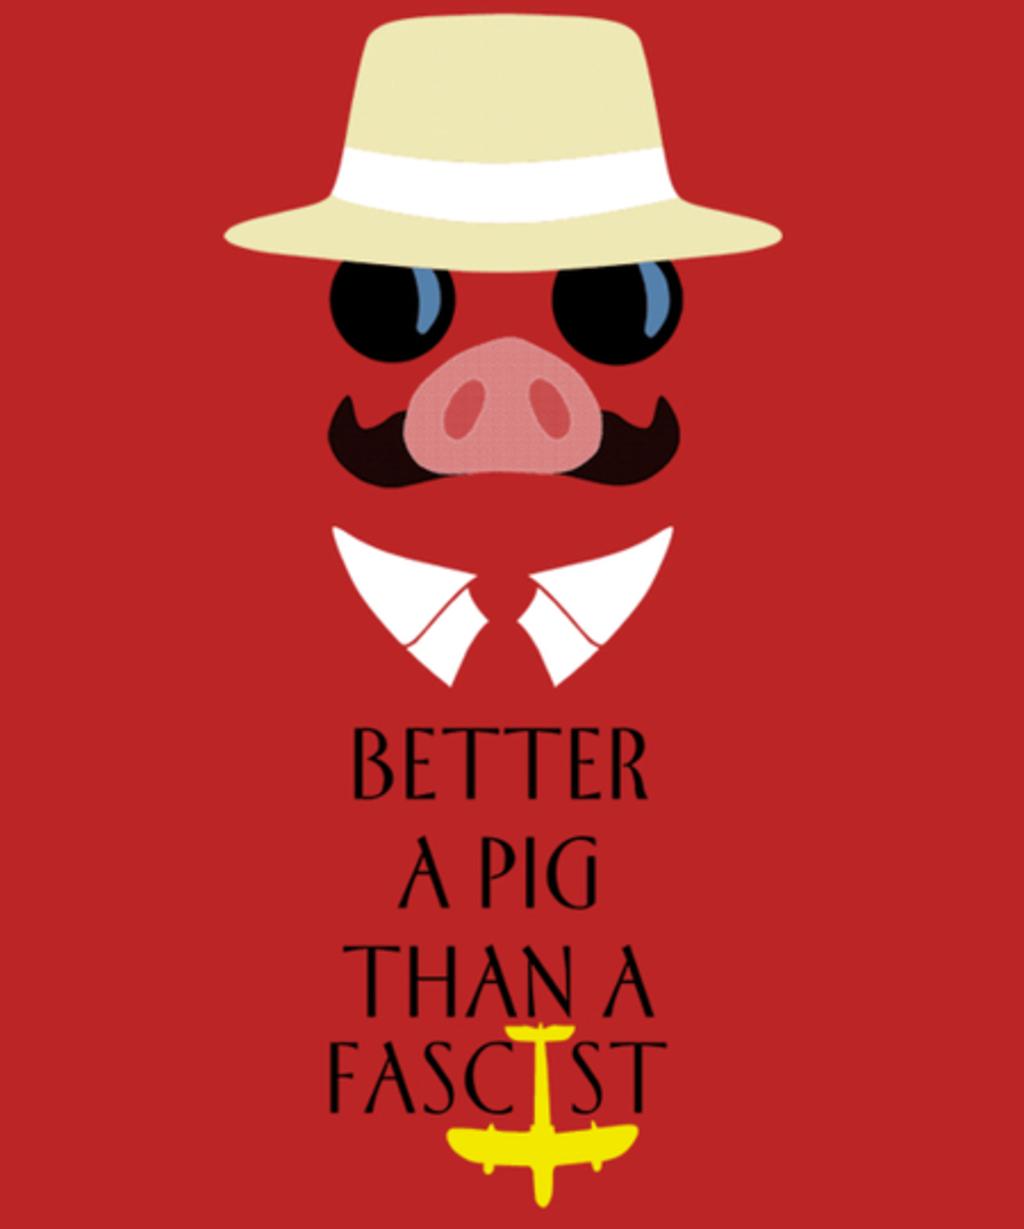 Qwertee: Porco's Wisdom